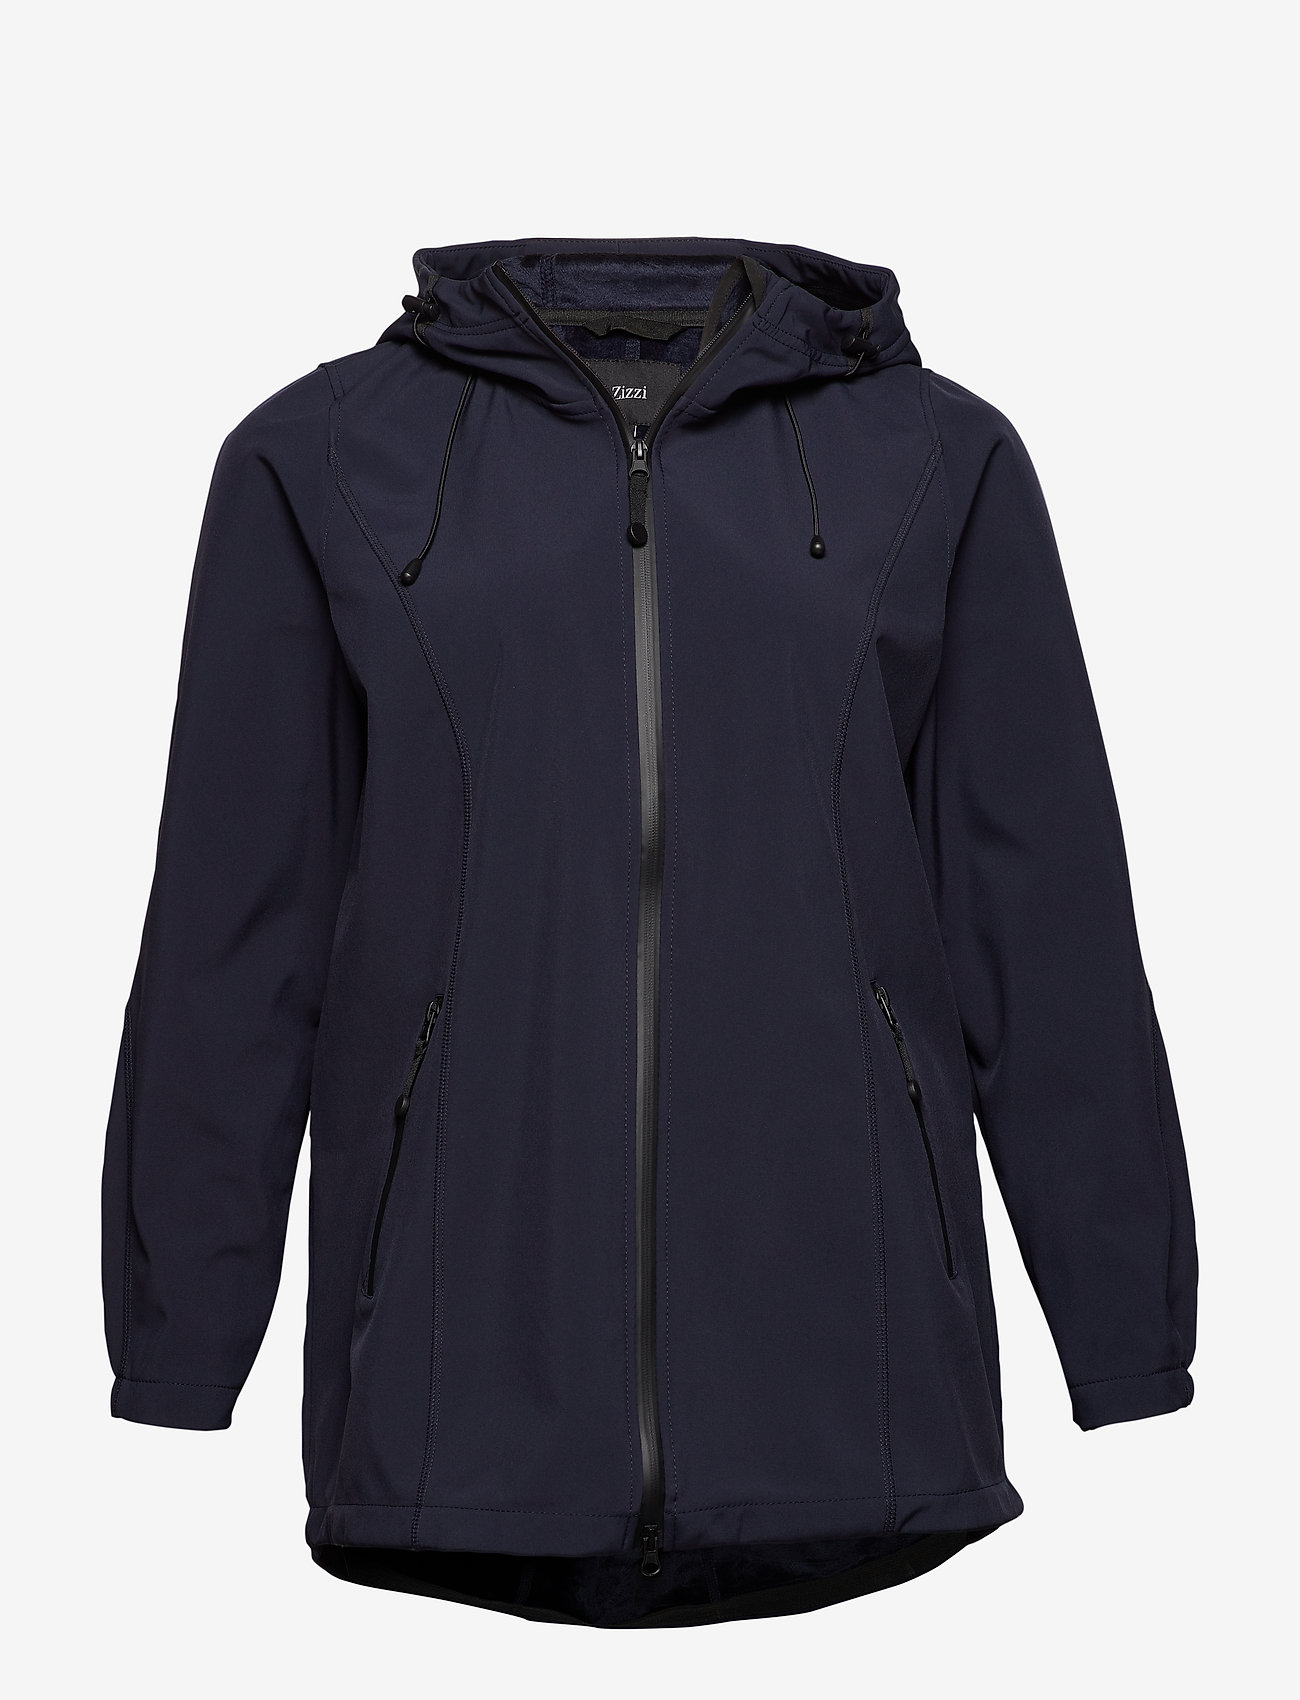 Zizzi - Softshell Jacket Water Repellent Soft and Warm - lichte jassen - dark blue - 1